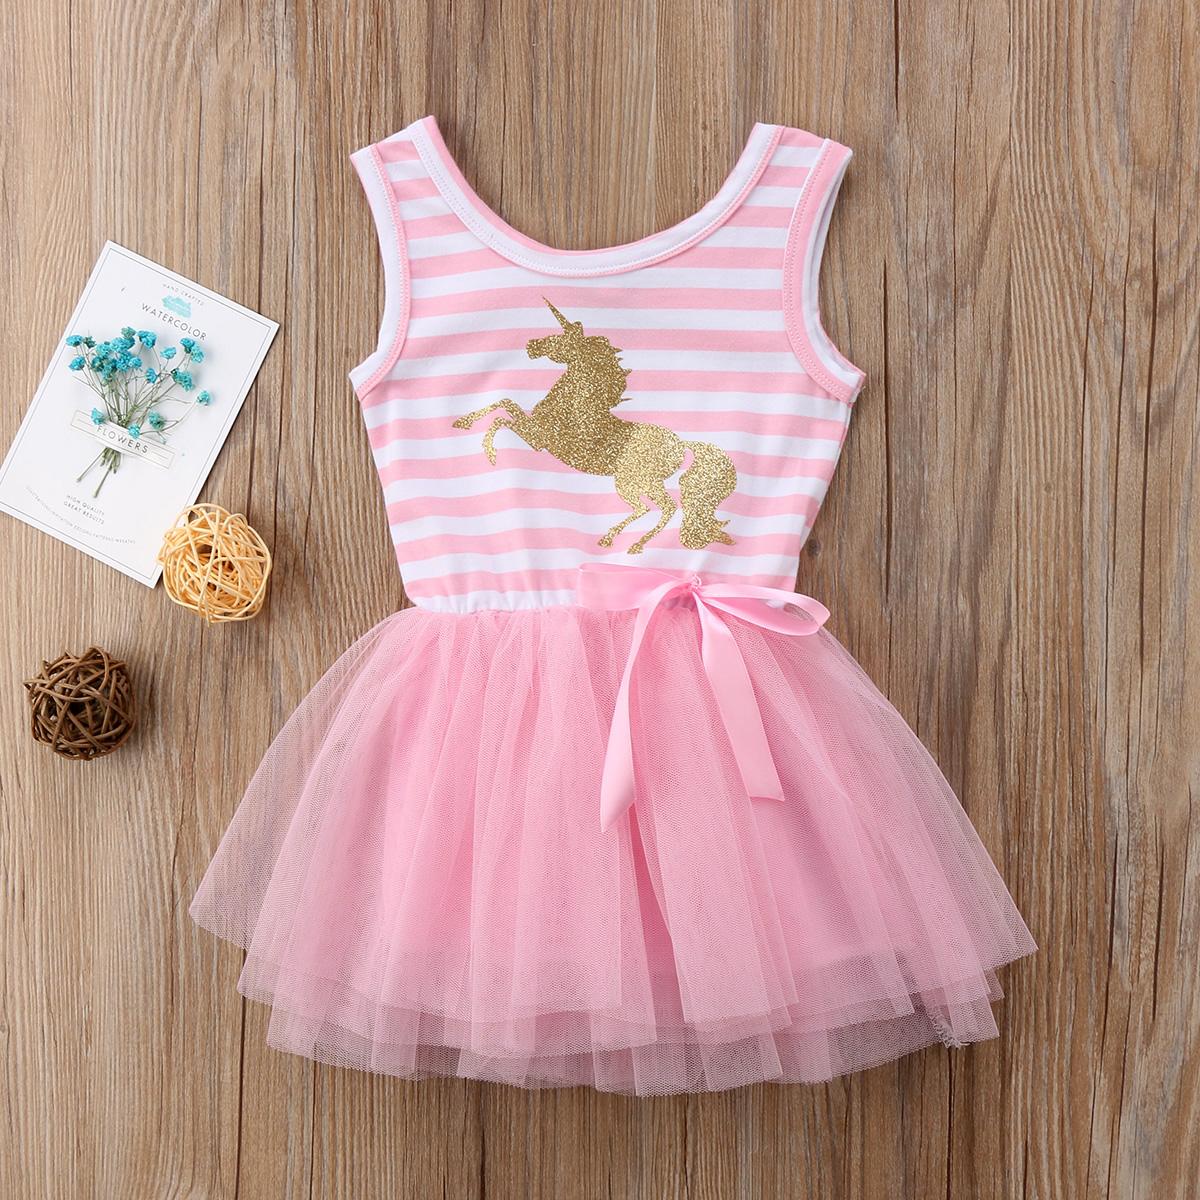 a188cbbe Unicorn dress, baby unicorn dress, girls unicorn dress, unicorn birthday  dress,unicorn